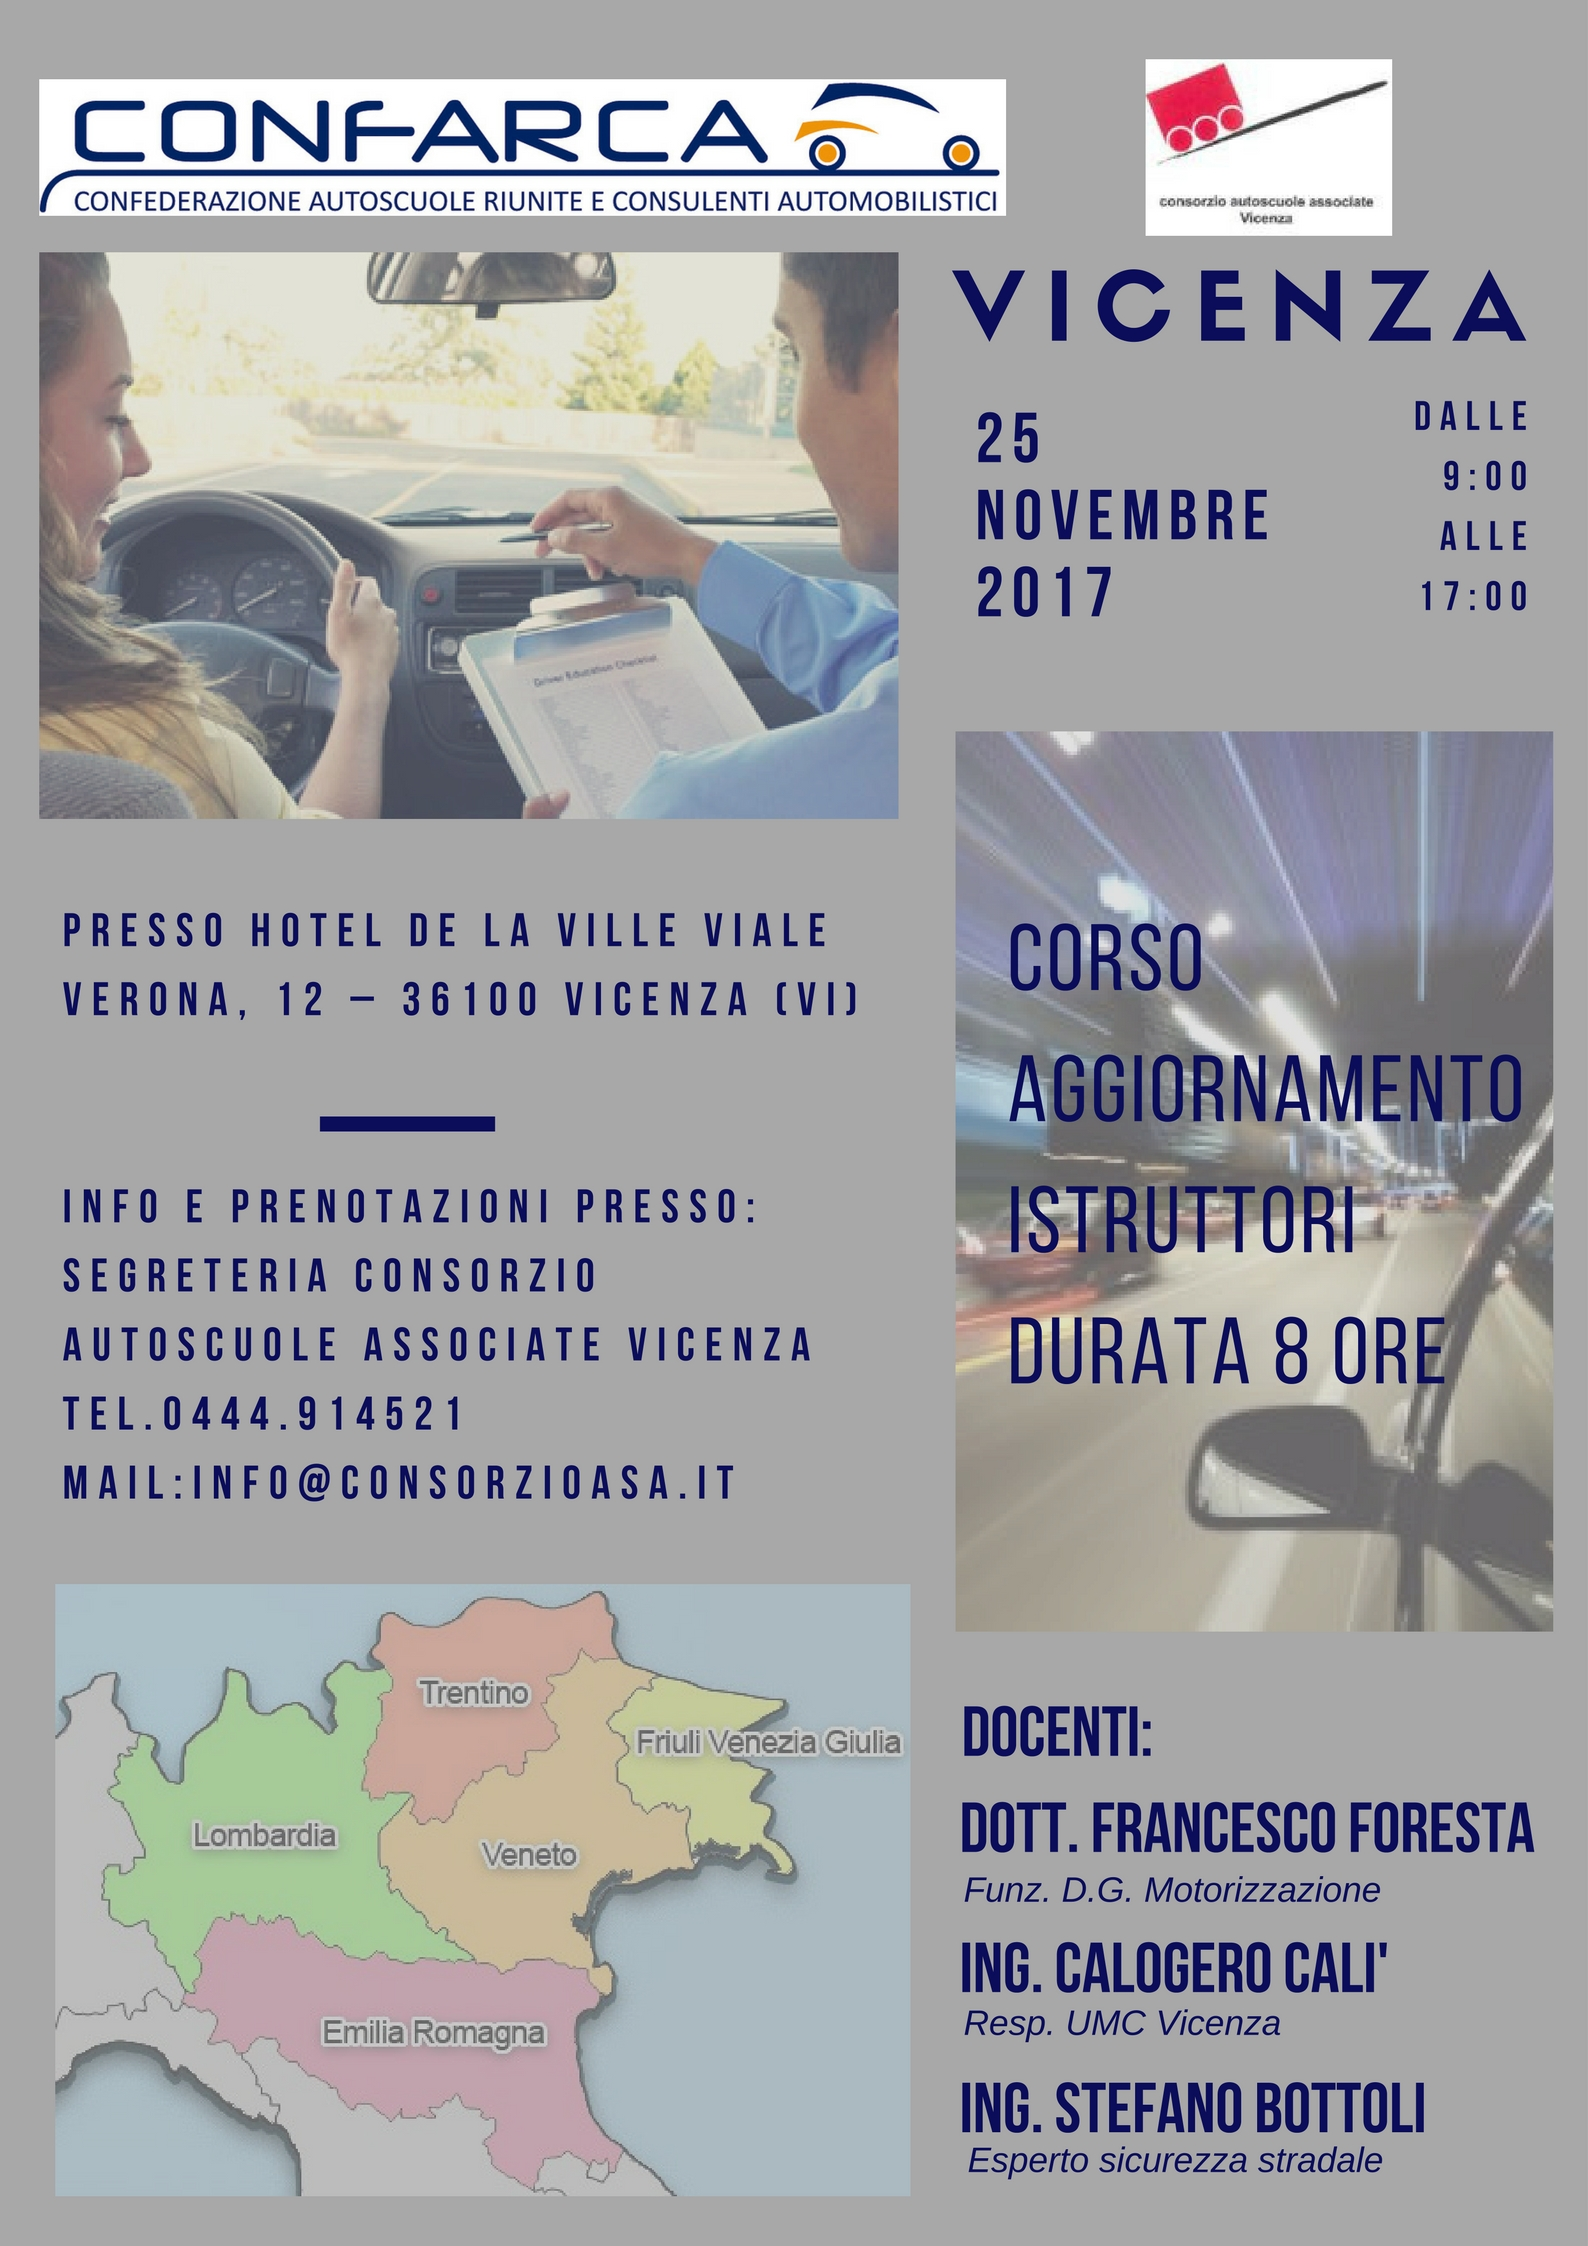 2017-11-25 Corso Aggiornamento Istruttori